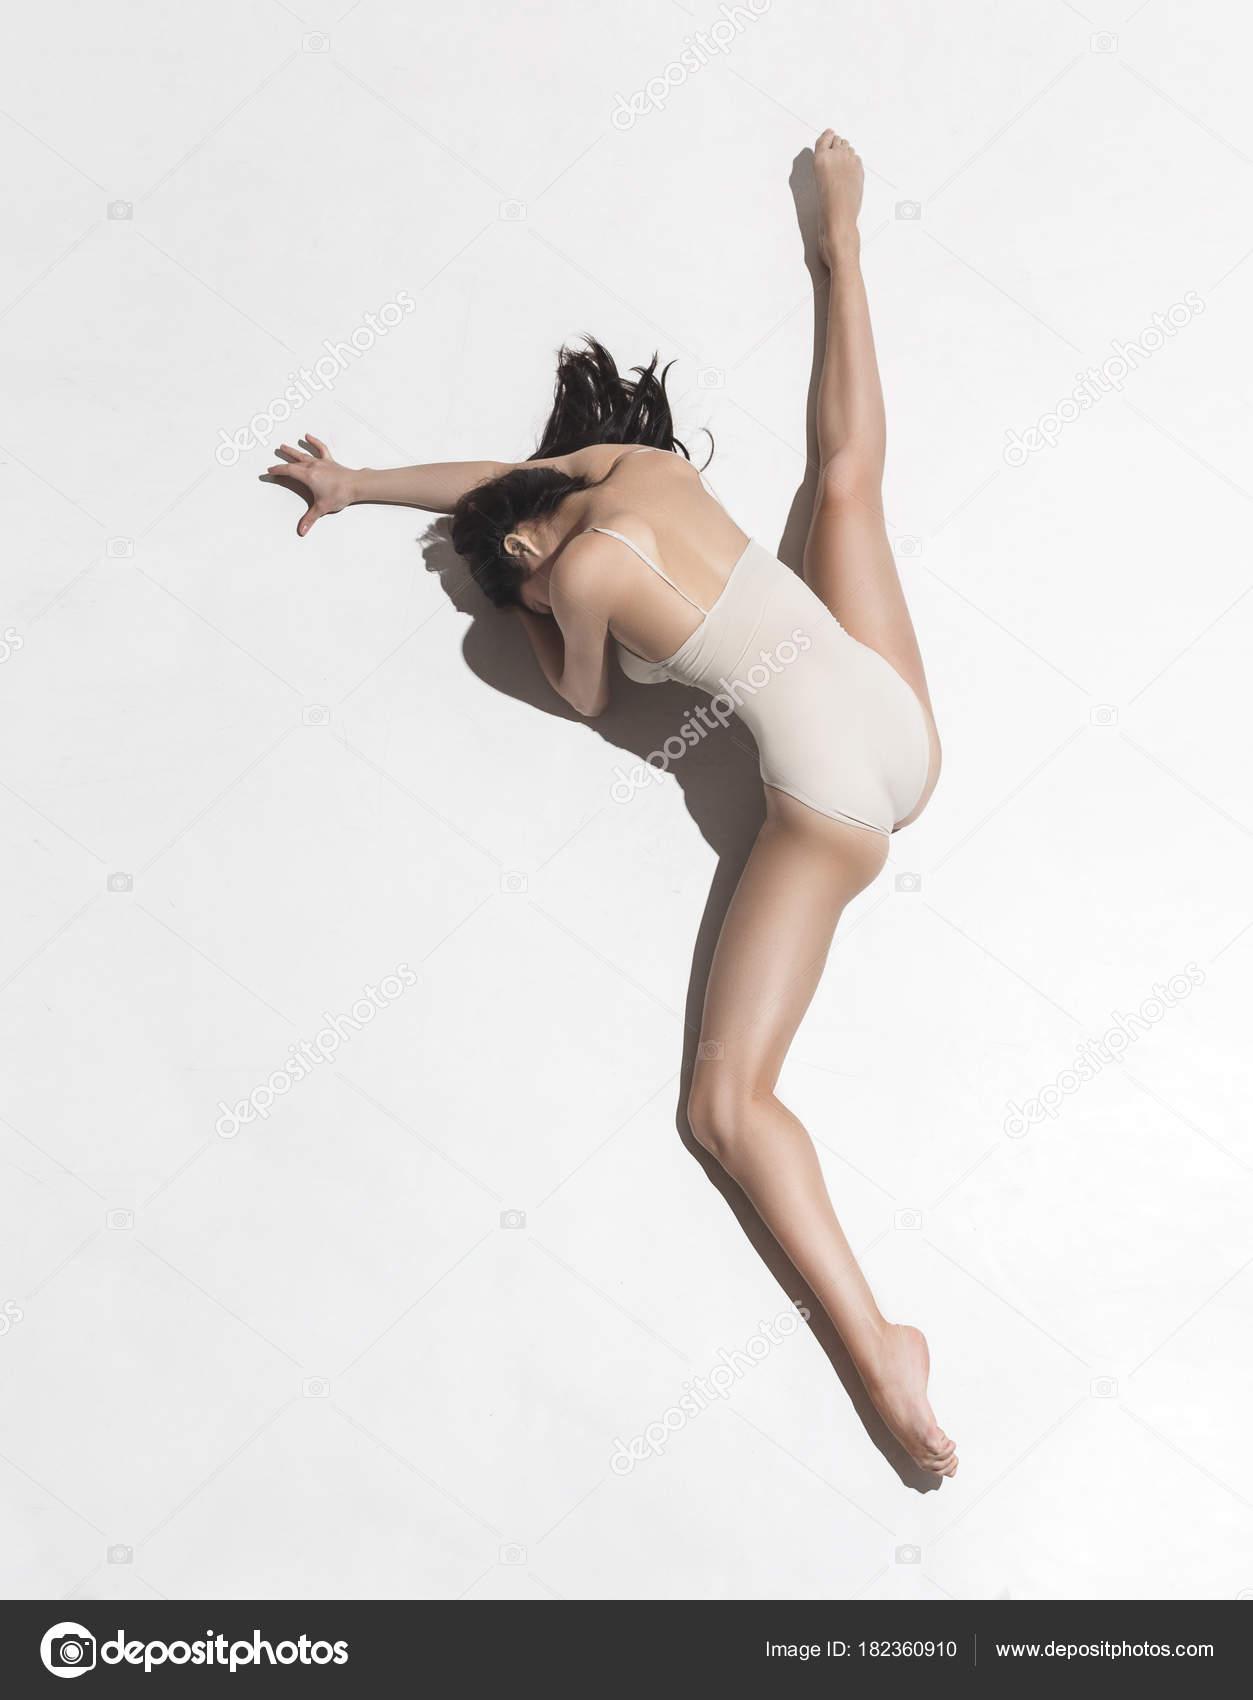 Ретро итальянские у танцовщиц под платьем фото деревне разделись